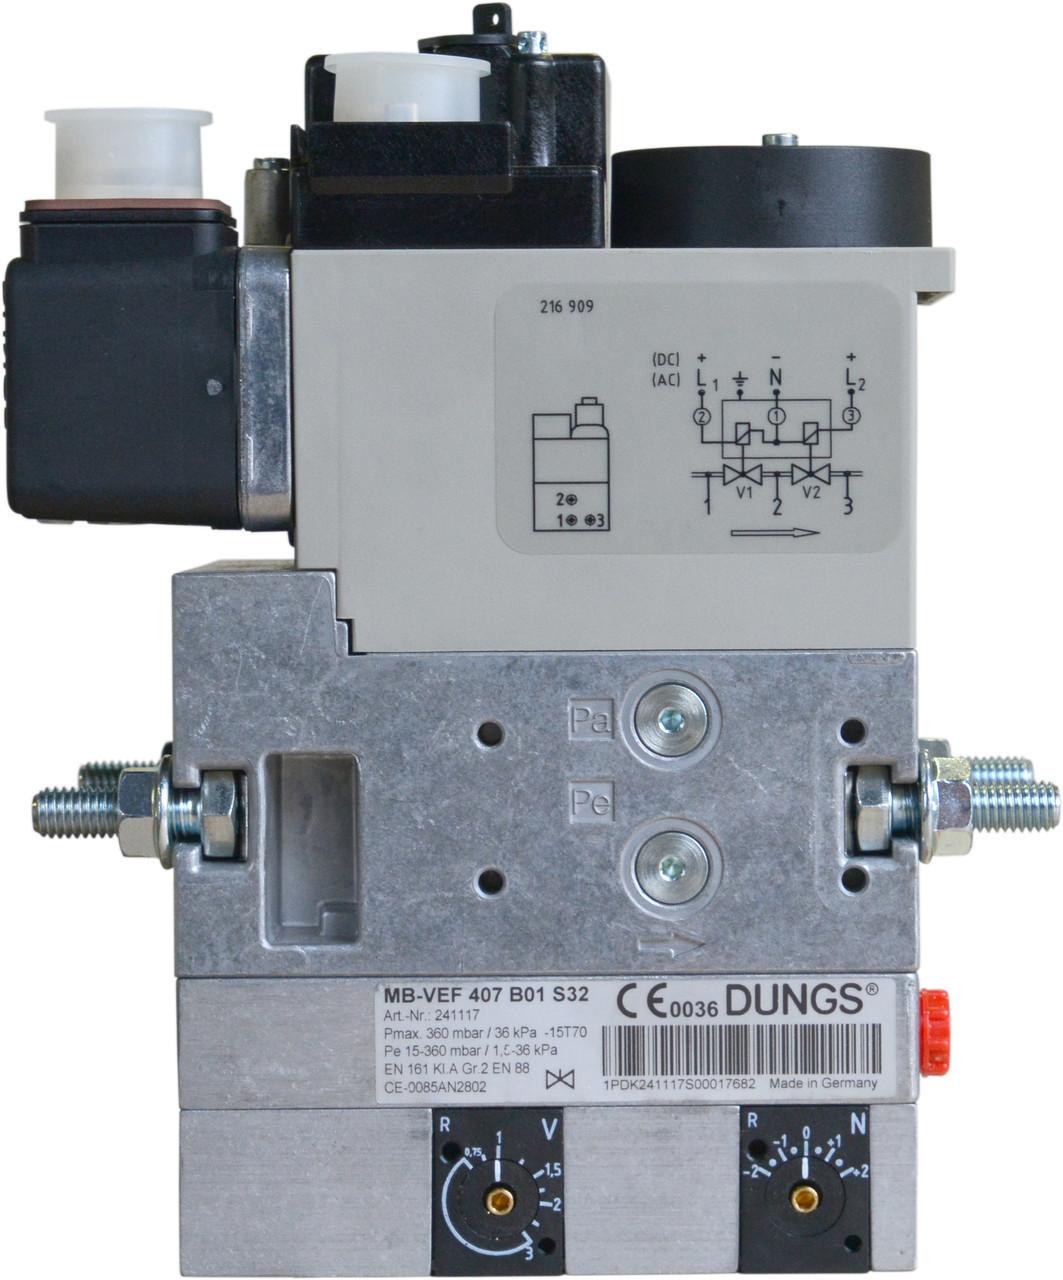 Газовый мультиблок Dungs MB-VEF 420 B01 S32  арт. №239077